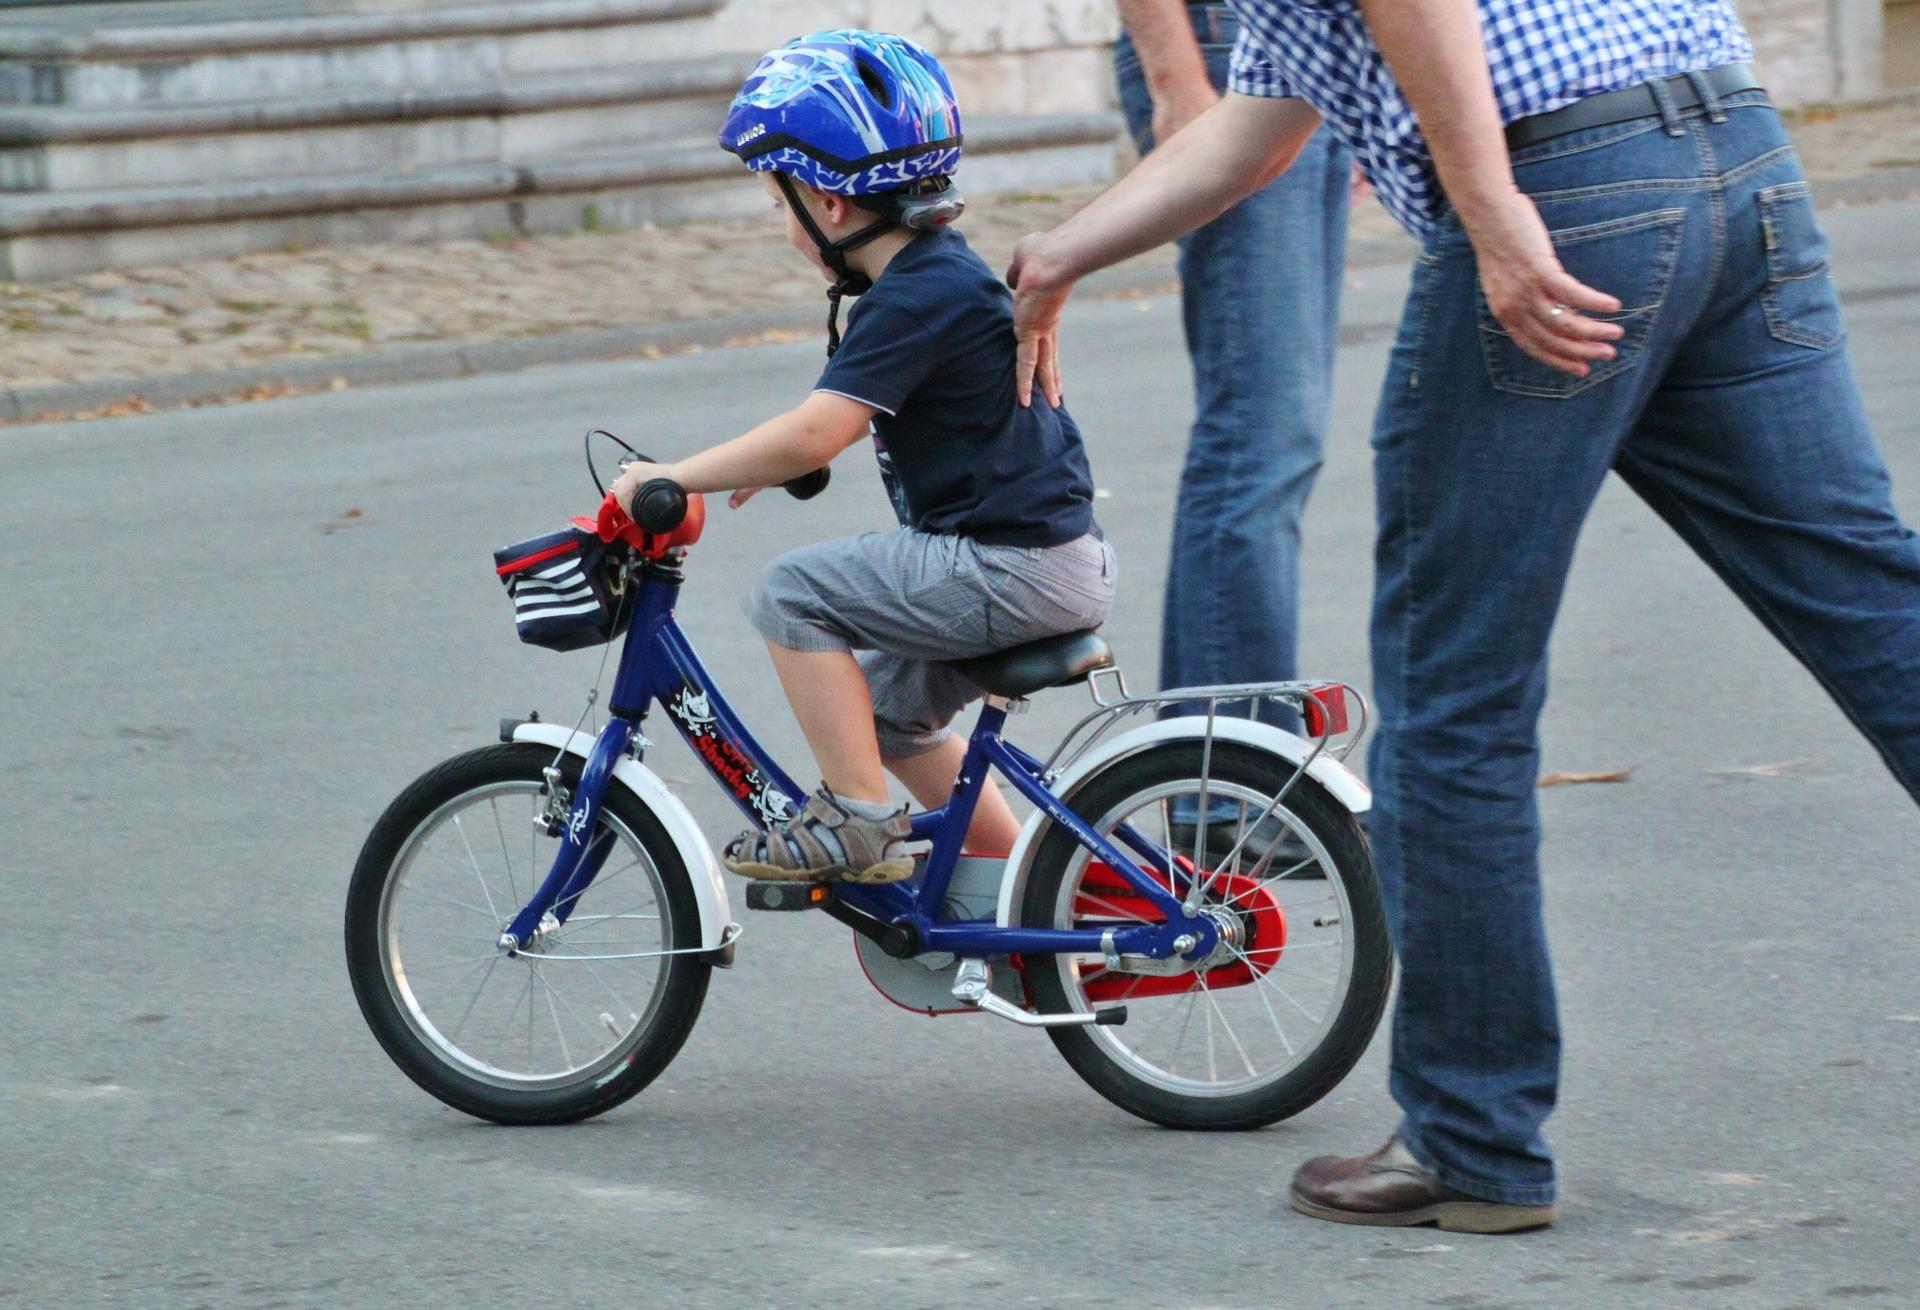 zdjęcie dziecka uczącego się jazdy rowerem